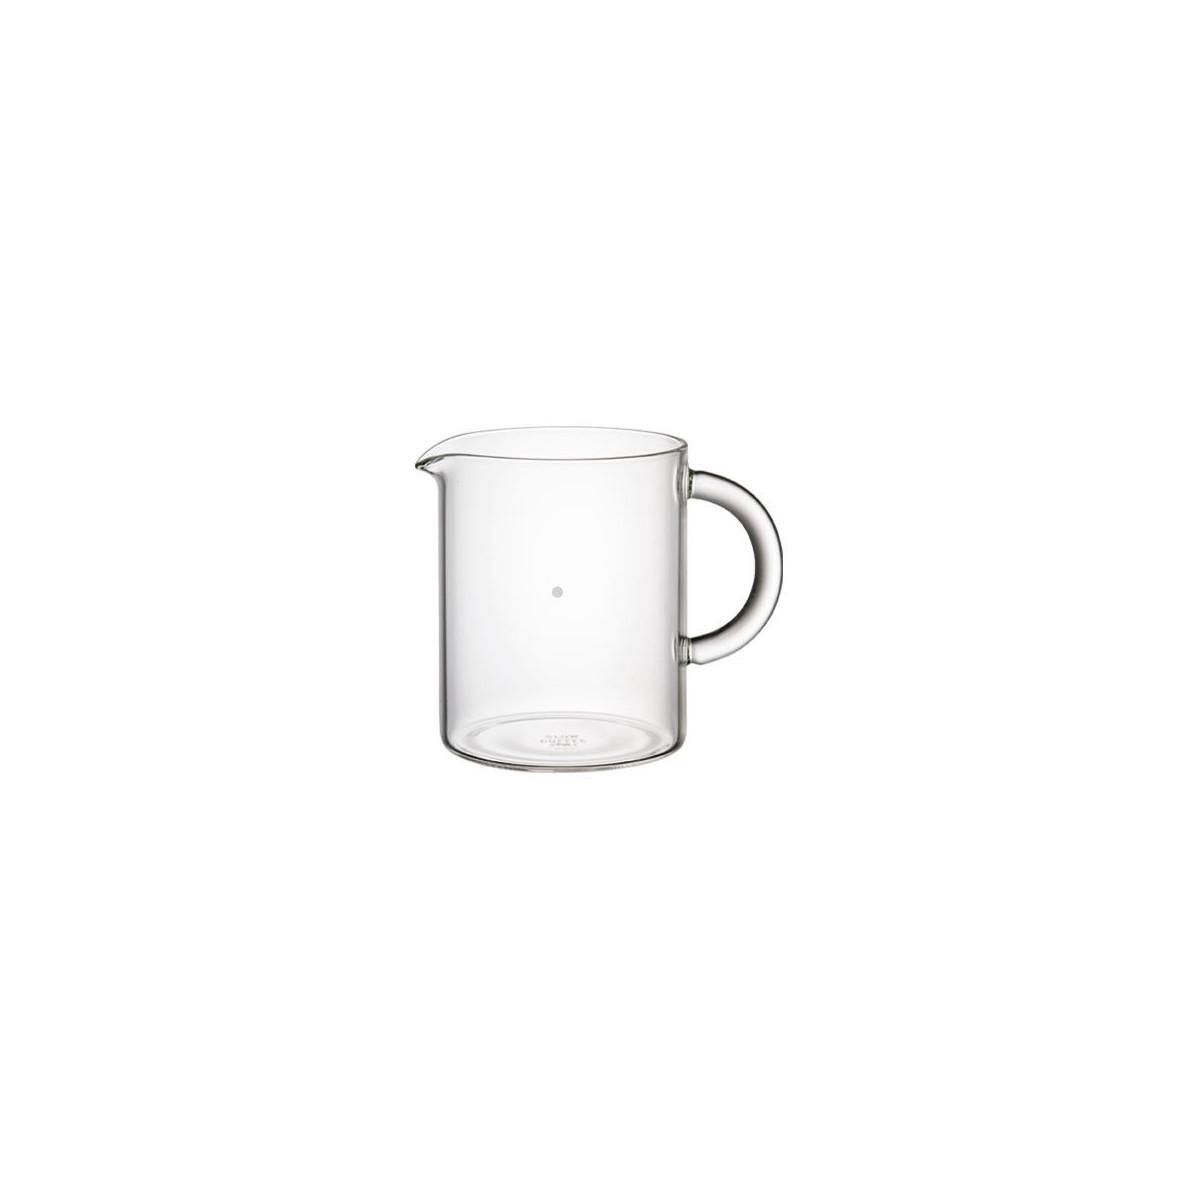 Żaroodporny dzbanek do kawy coffee jug 300ml Kinto